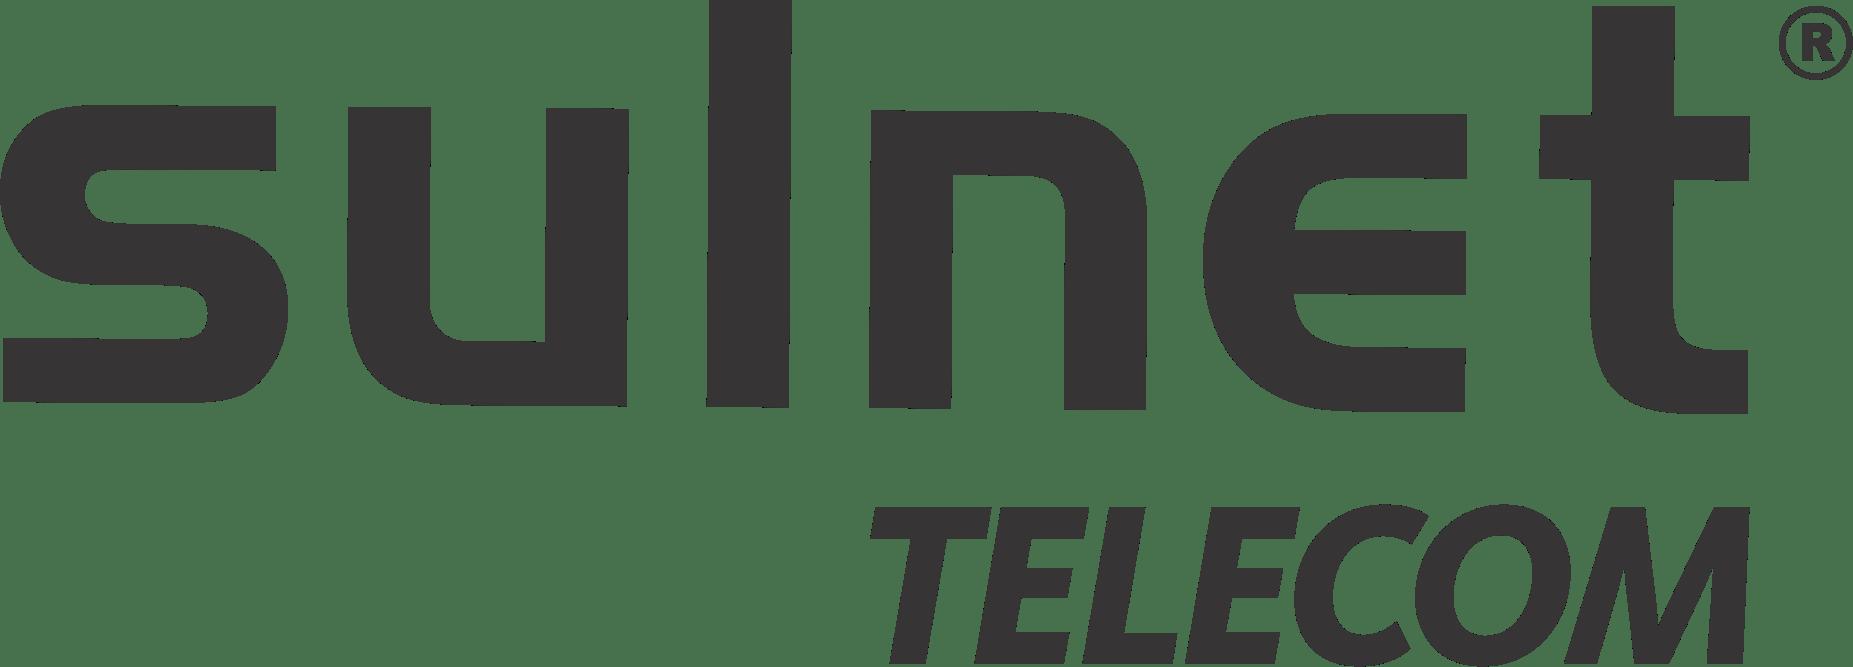 Sulnet Telecomunicações